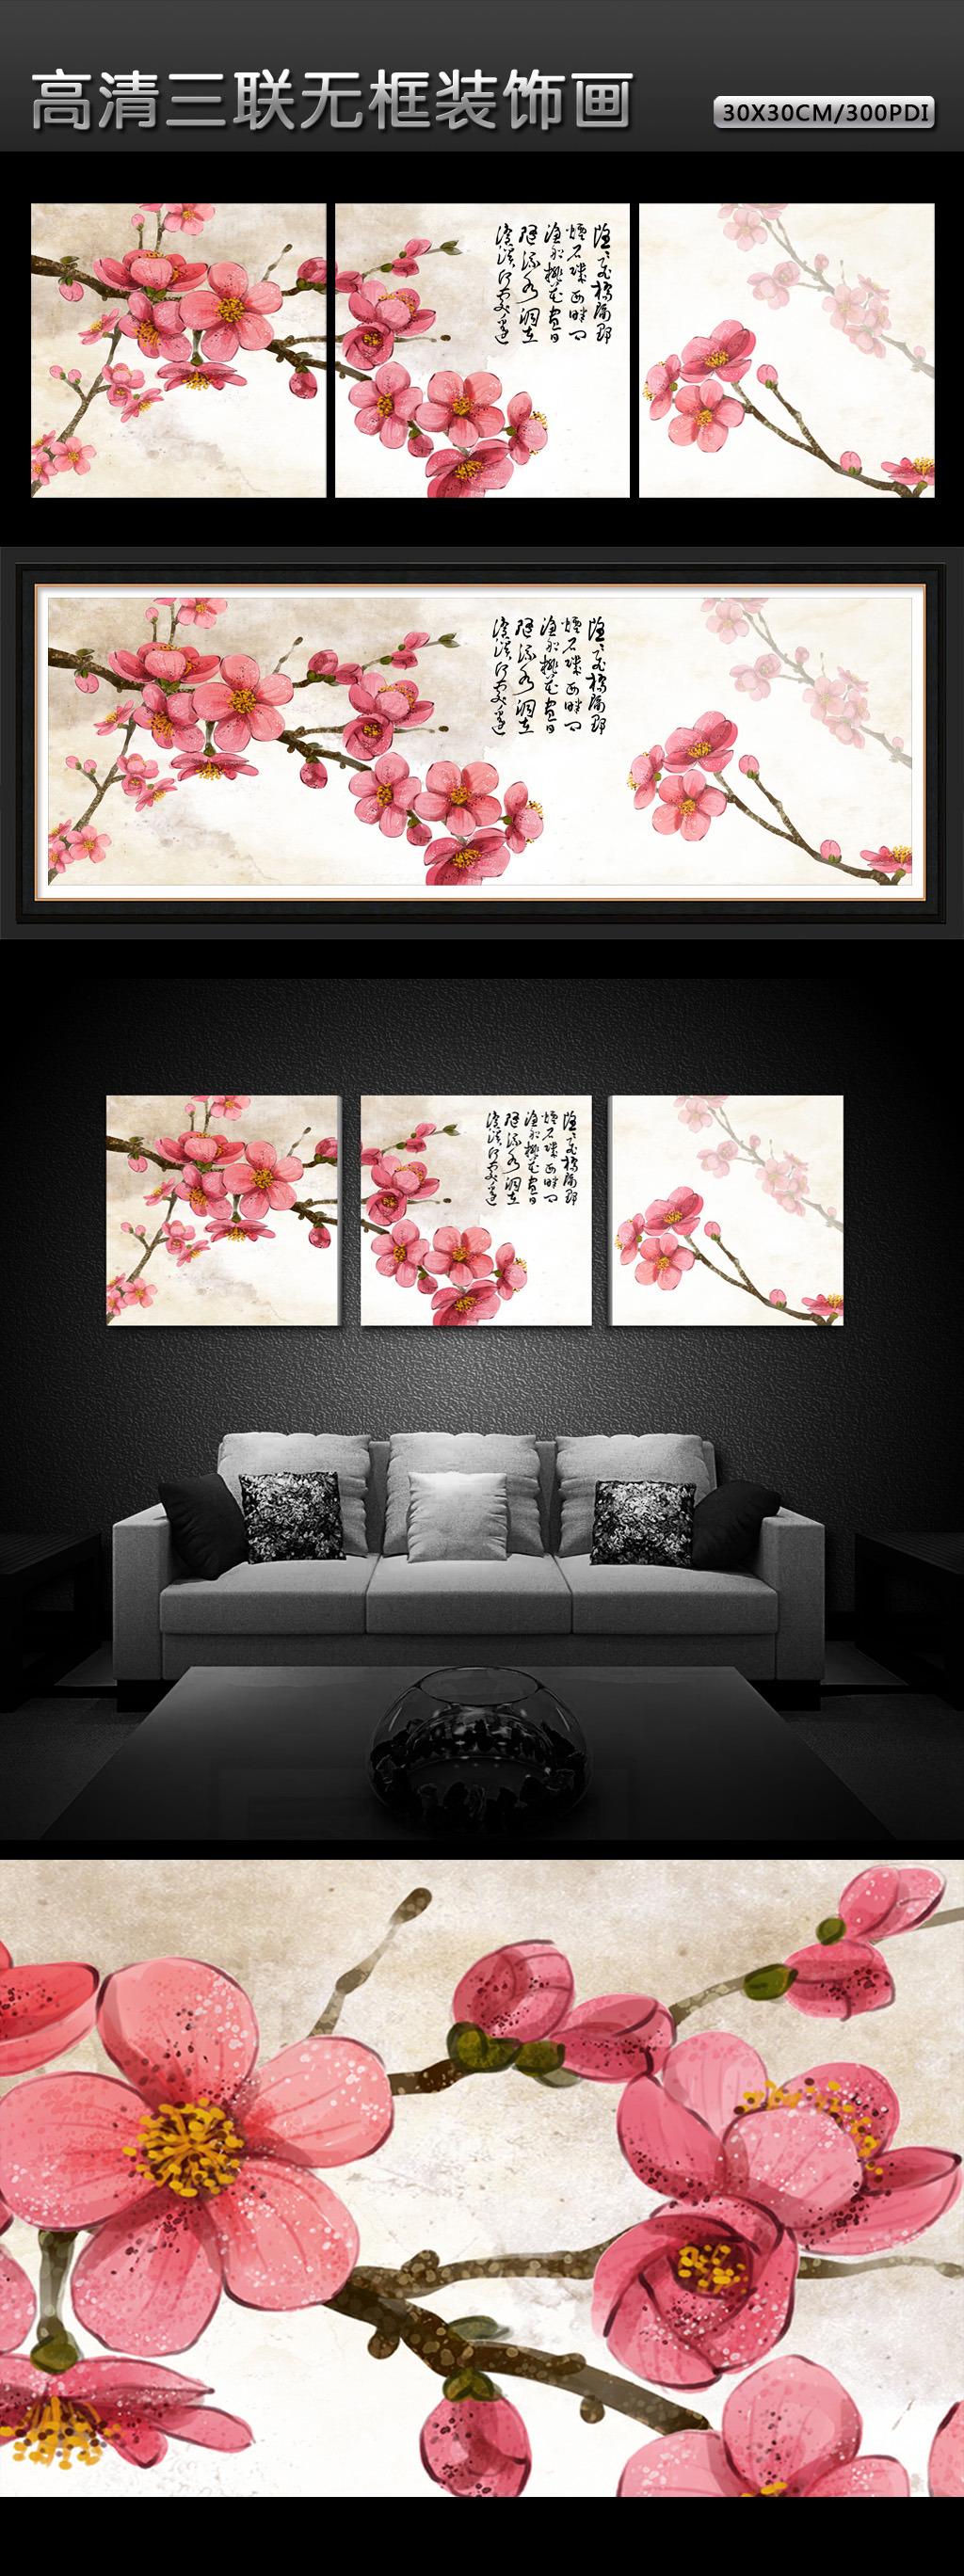 装饰画素材 花卉 桃花